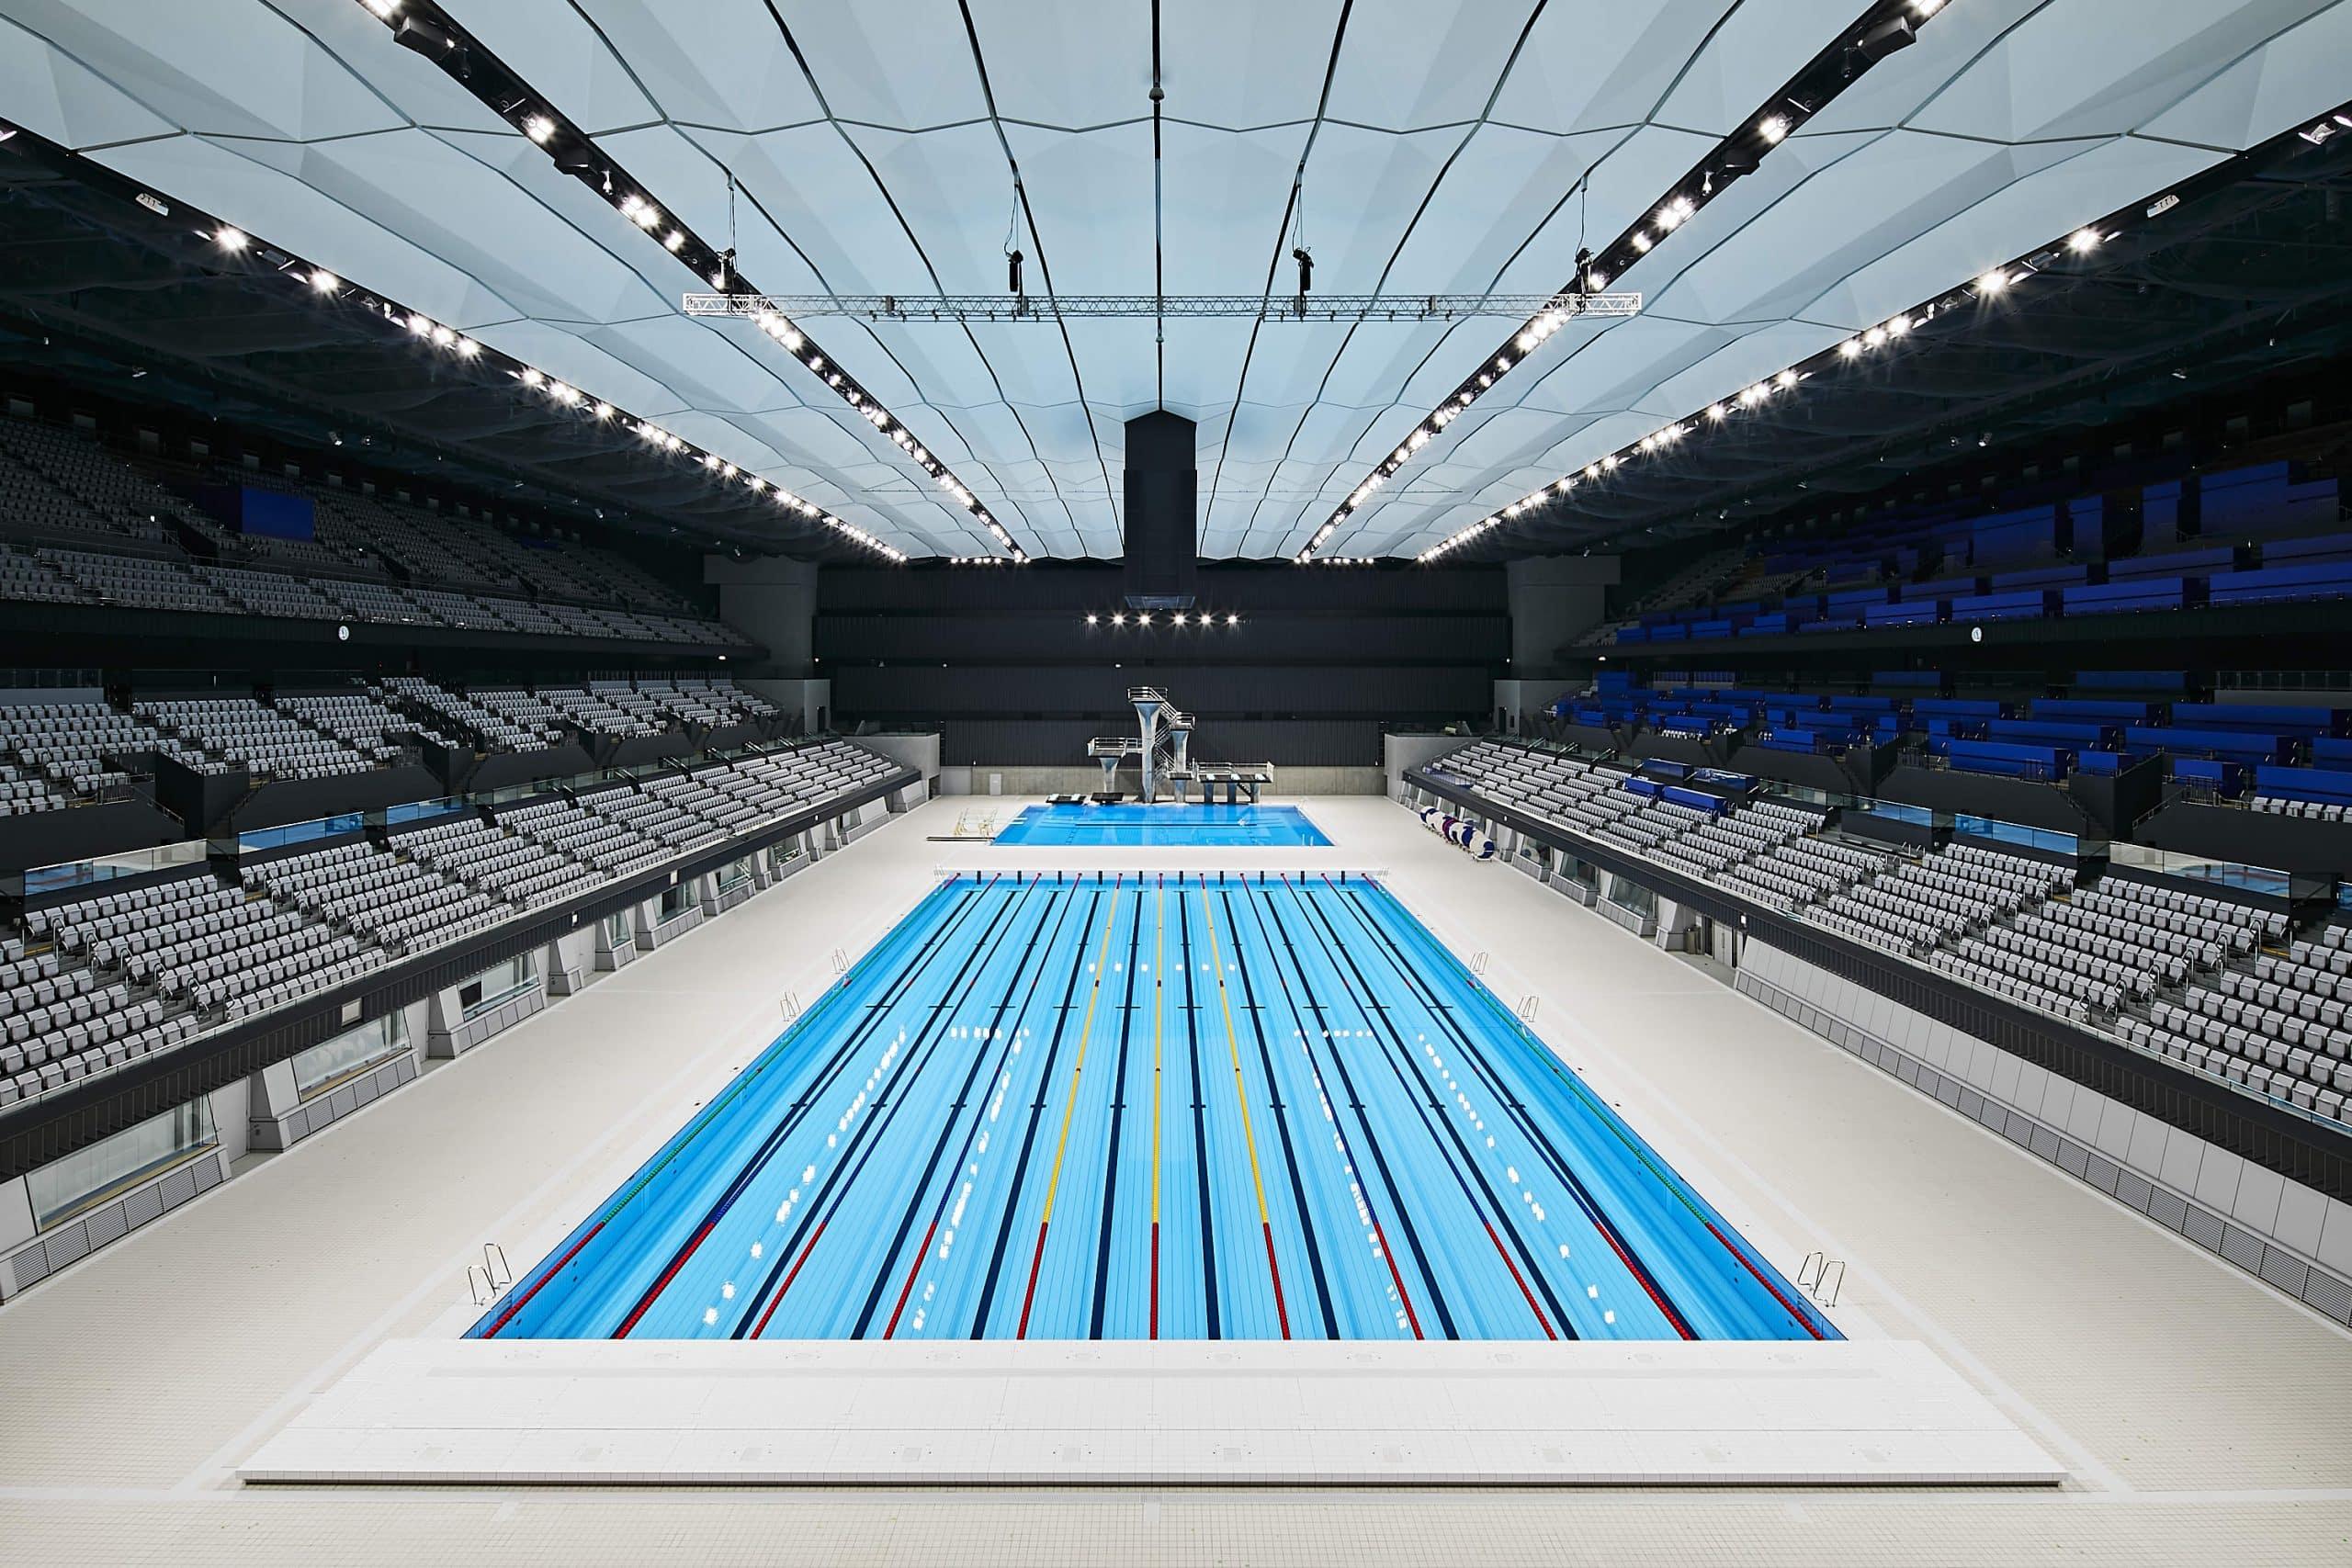 Tokyo Aquatics Centre jogos olímpicos tóquio saltos ornamentais